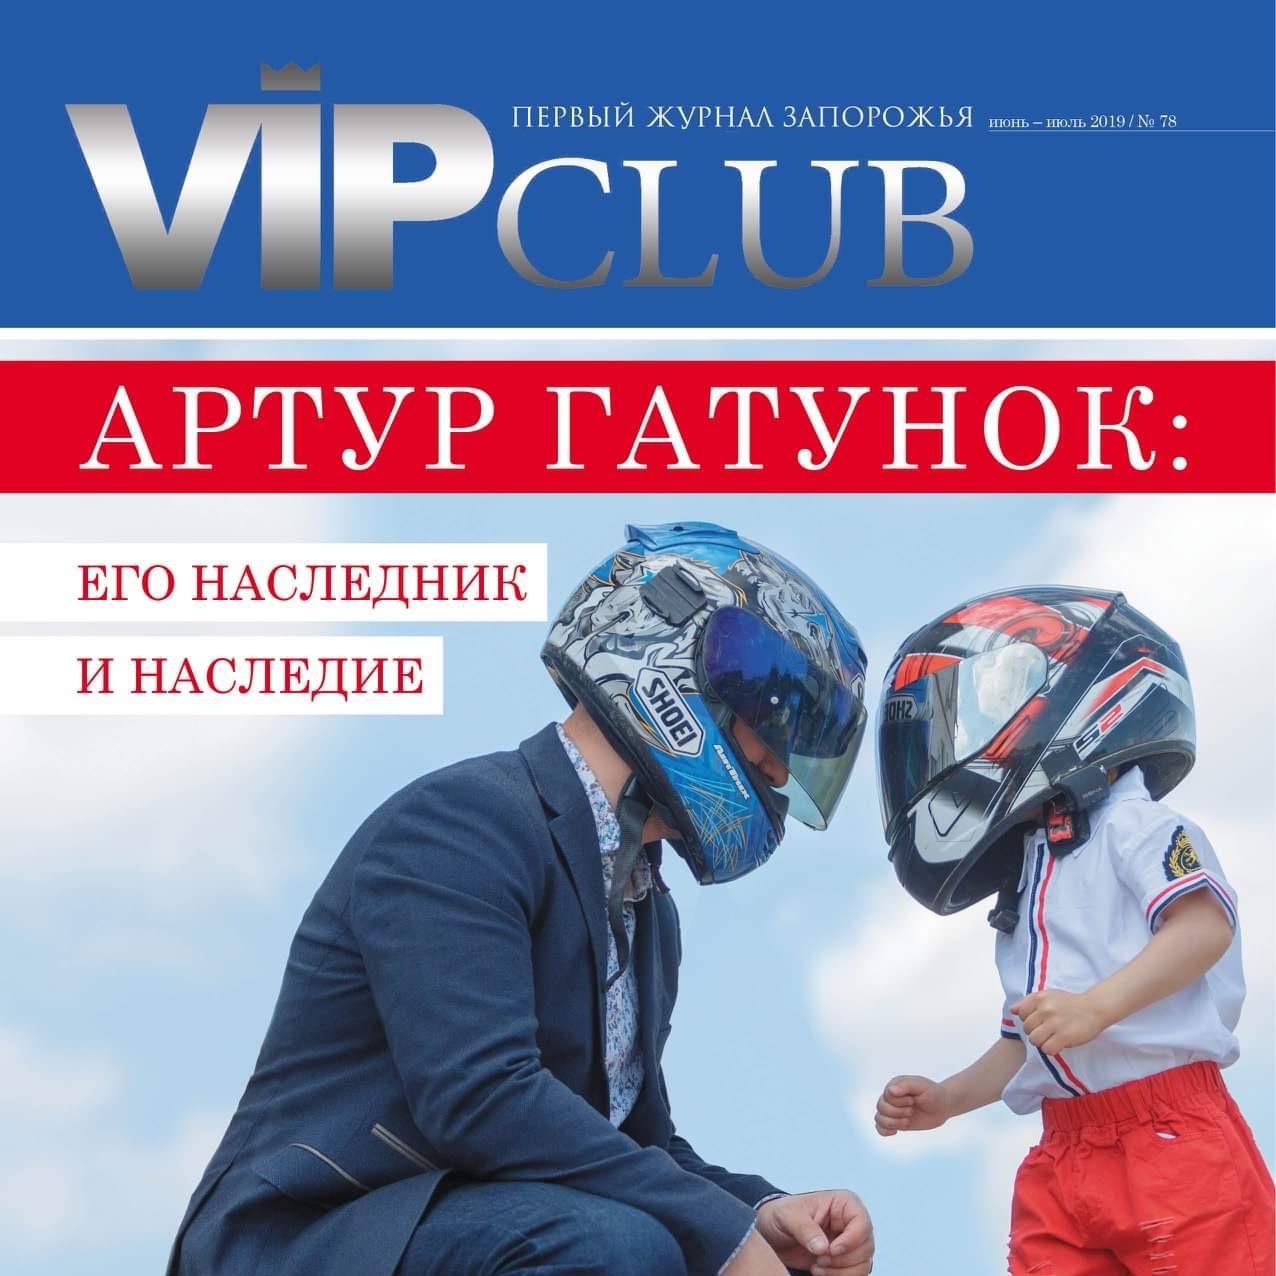 У Запоріжжі літо починається з VIPclub